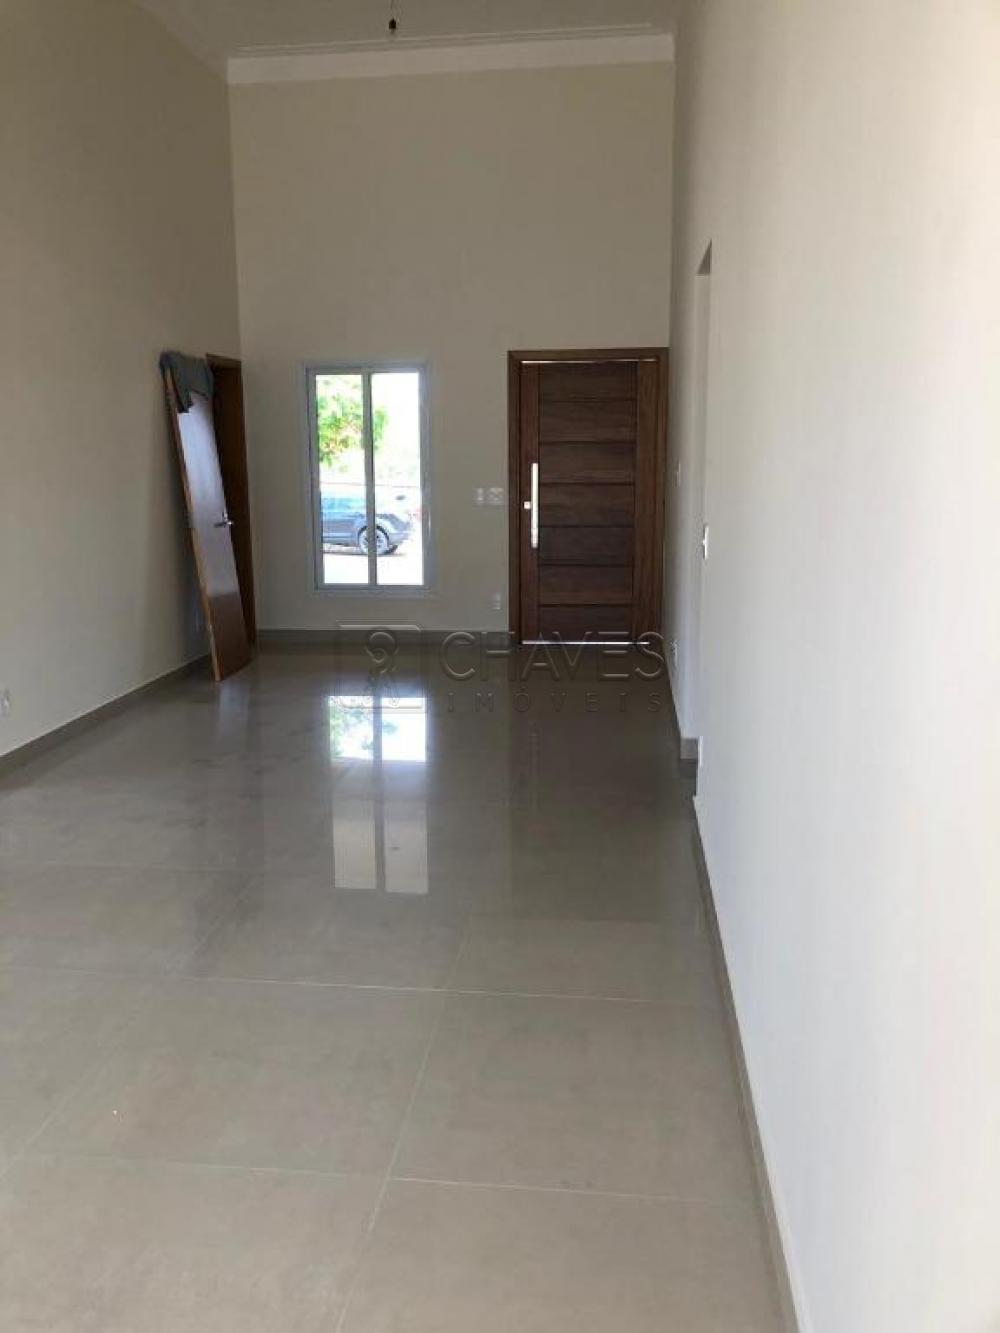 Comprar Casa / Condomínio em Ribeirão Preto apenas R$ 860.000,00 - Foto 3